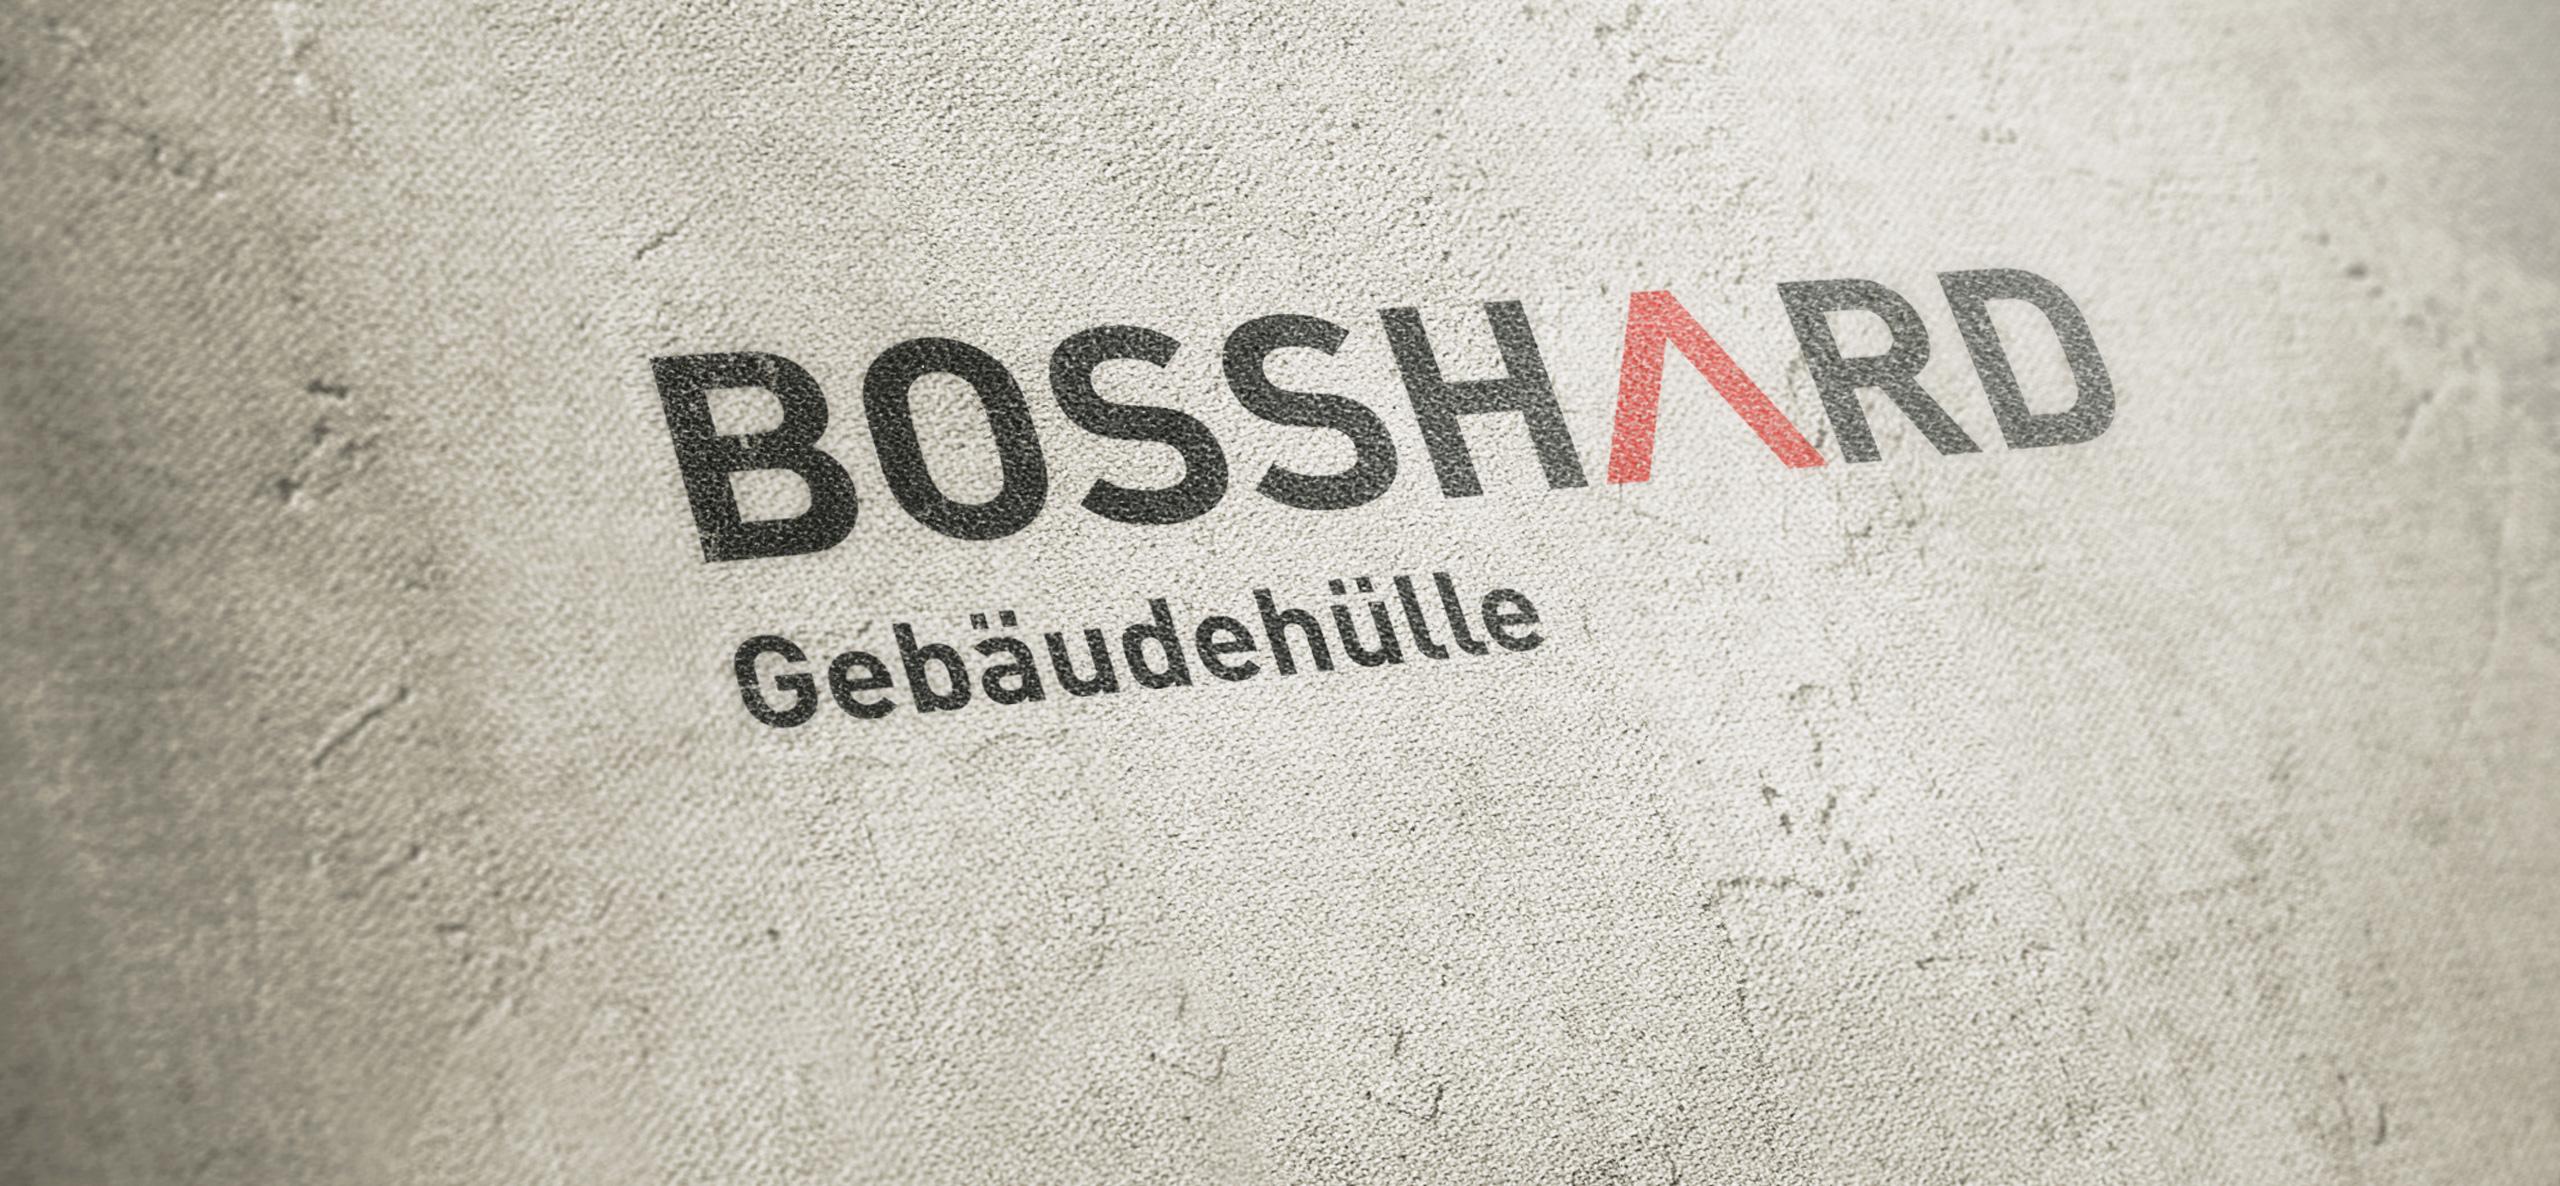 Neuer Partner in der Schweiz: Bosshard Gebäudehülle bietet HUM-ID auf allen Flachdächern mit an